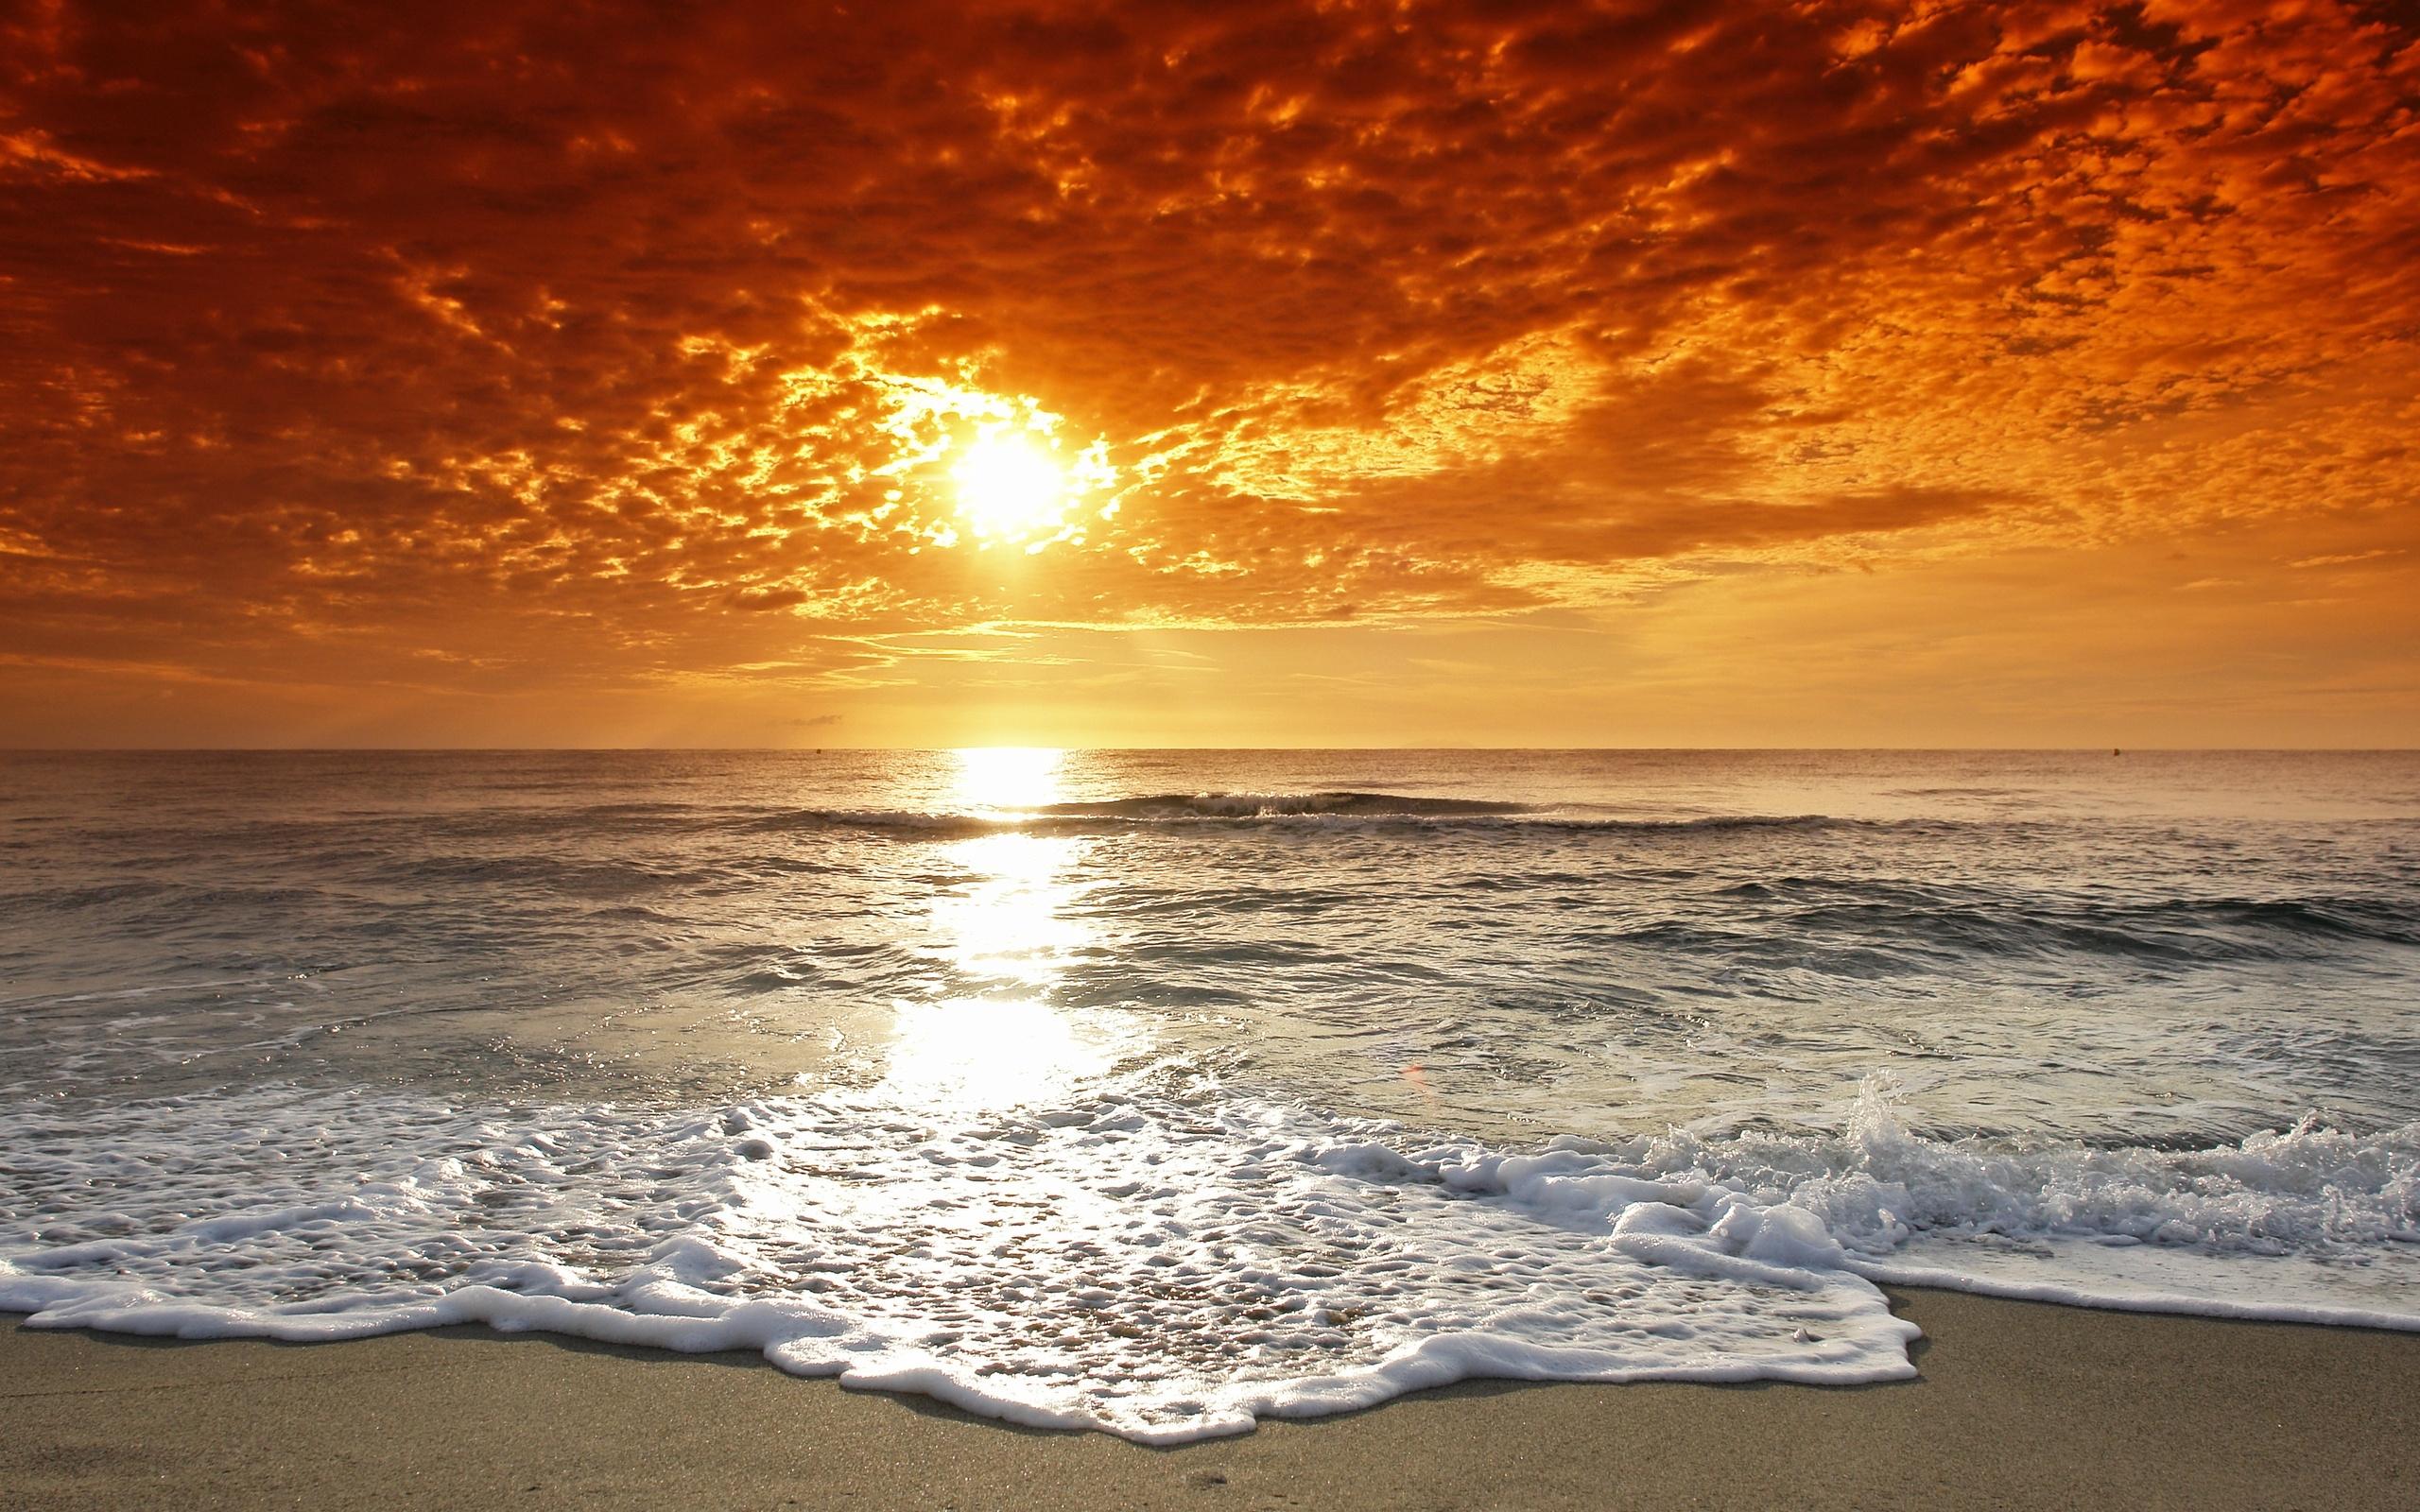 27575 скачать обои Пейзаж, Закат, Море, Волны, Пляж - заставки и картинки бесплатно